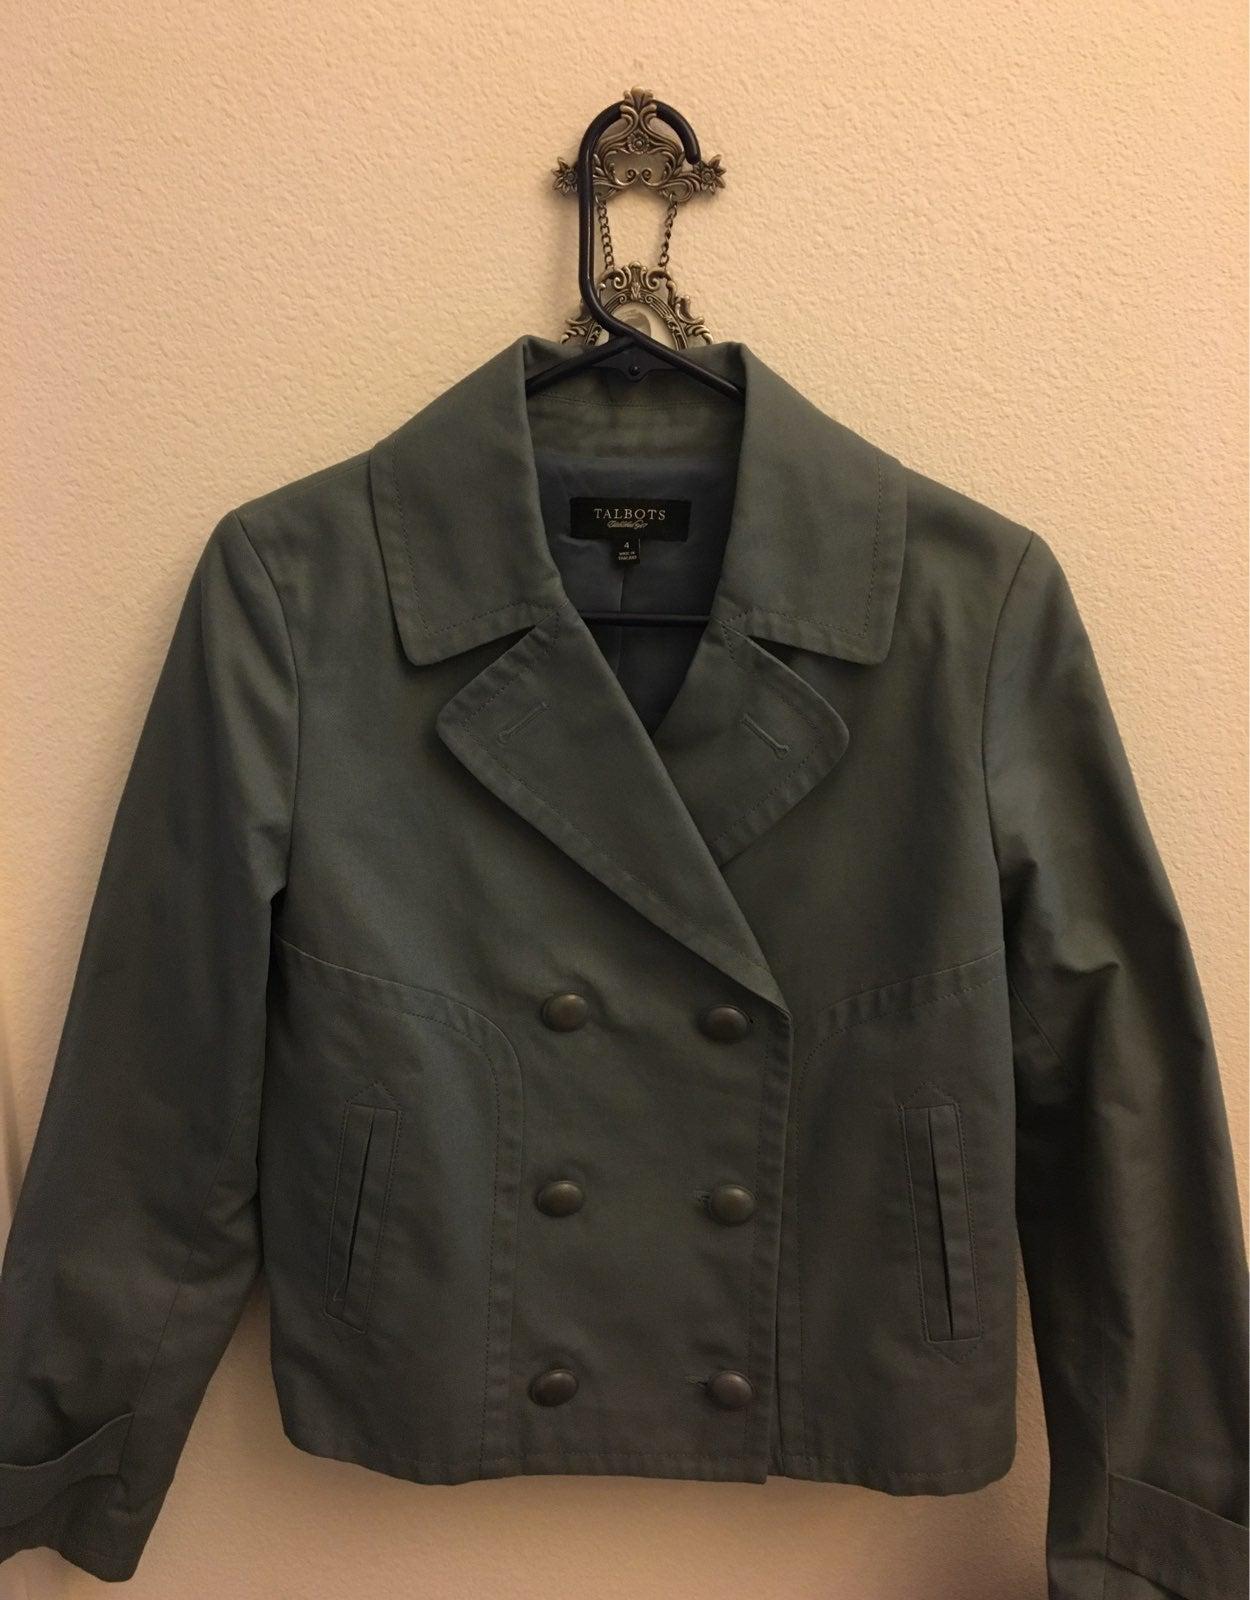 A Tabots waist Coat